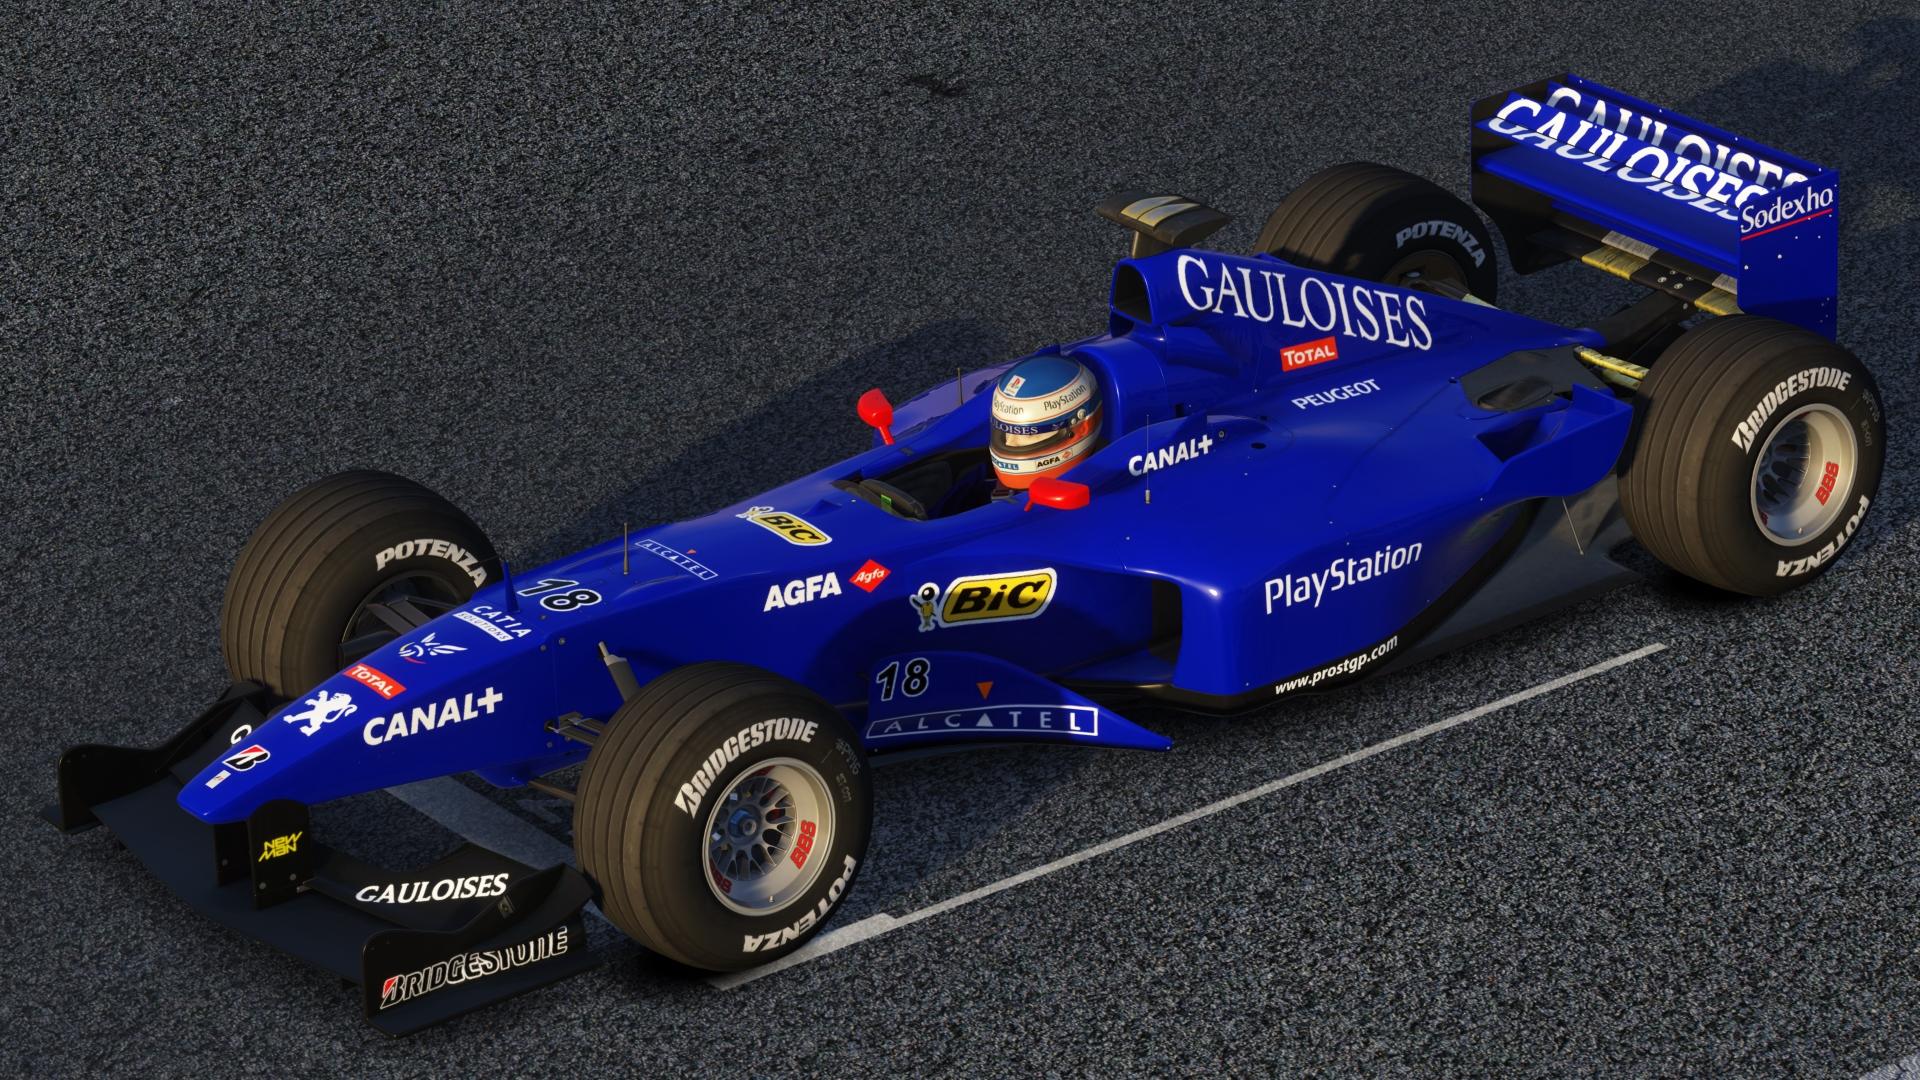 Screenshot_rss_formula_2000_ks_nurburgring_24-12-119-19-45-14.jpg